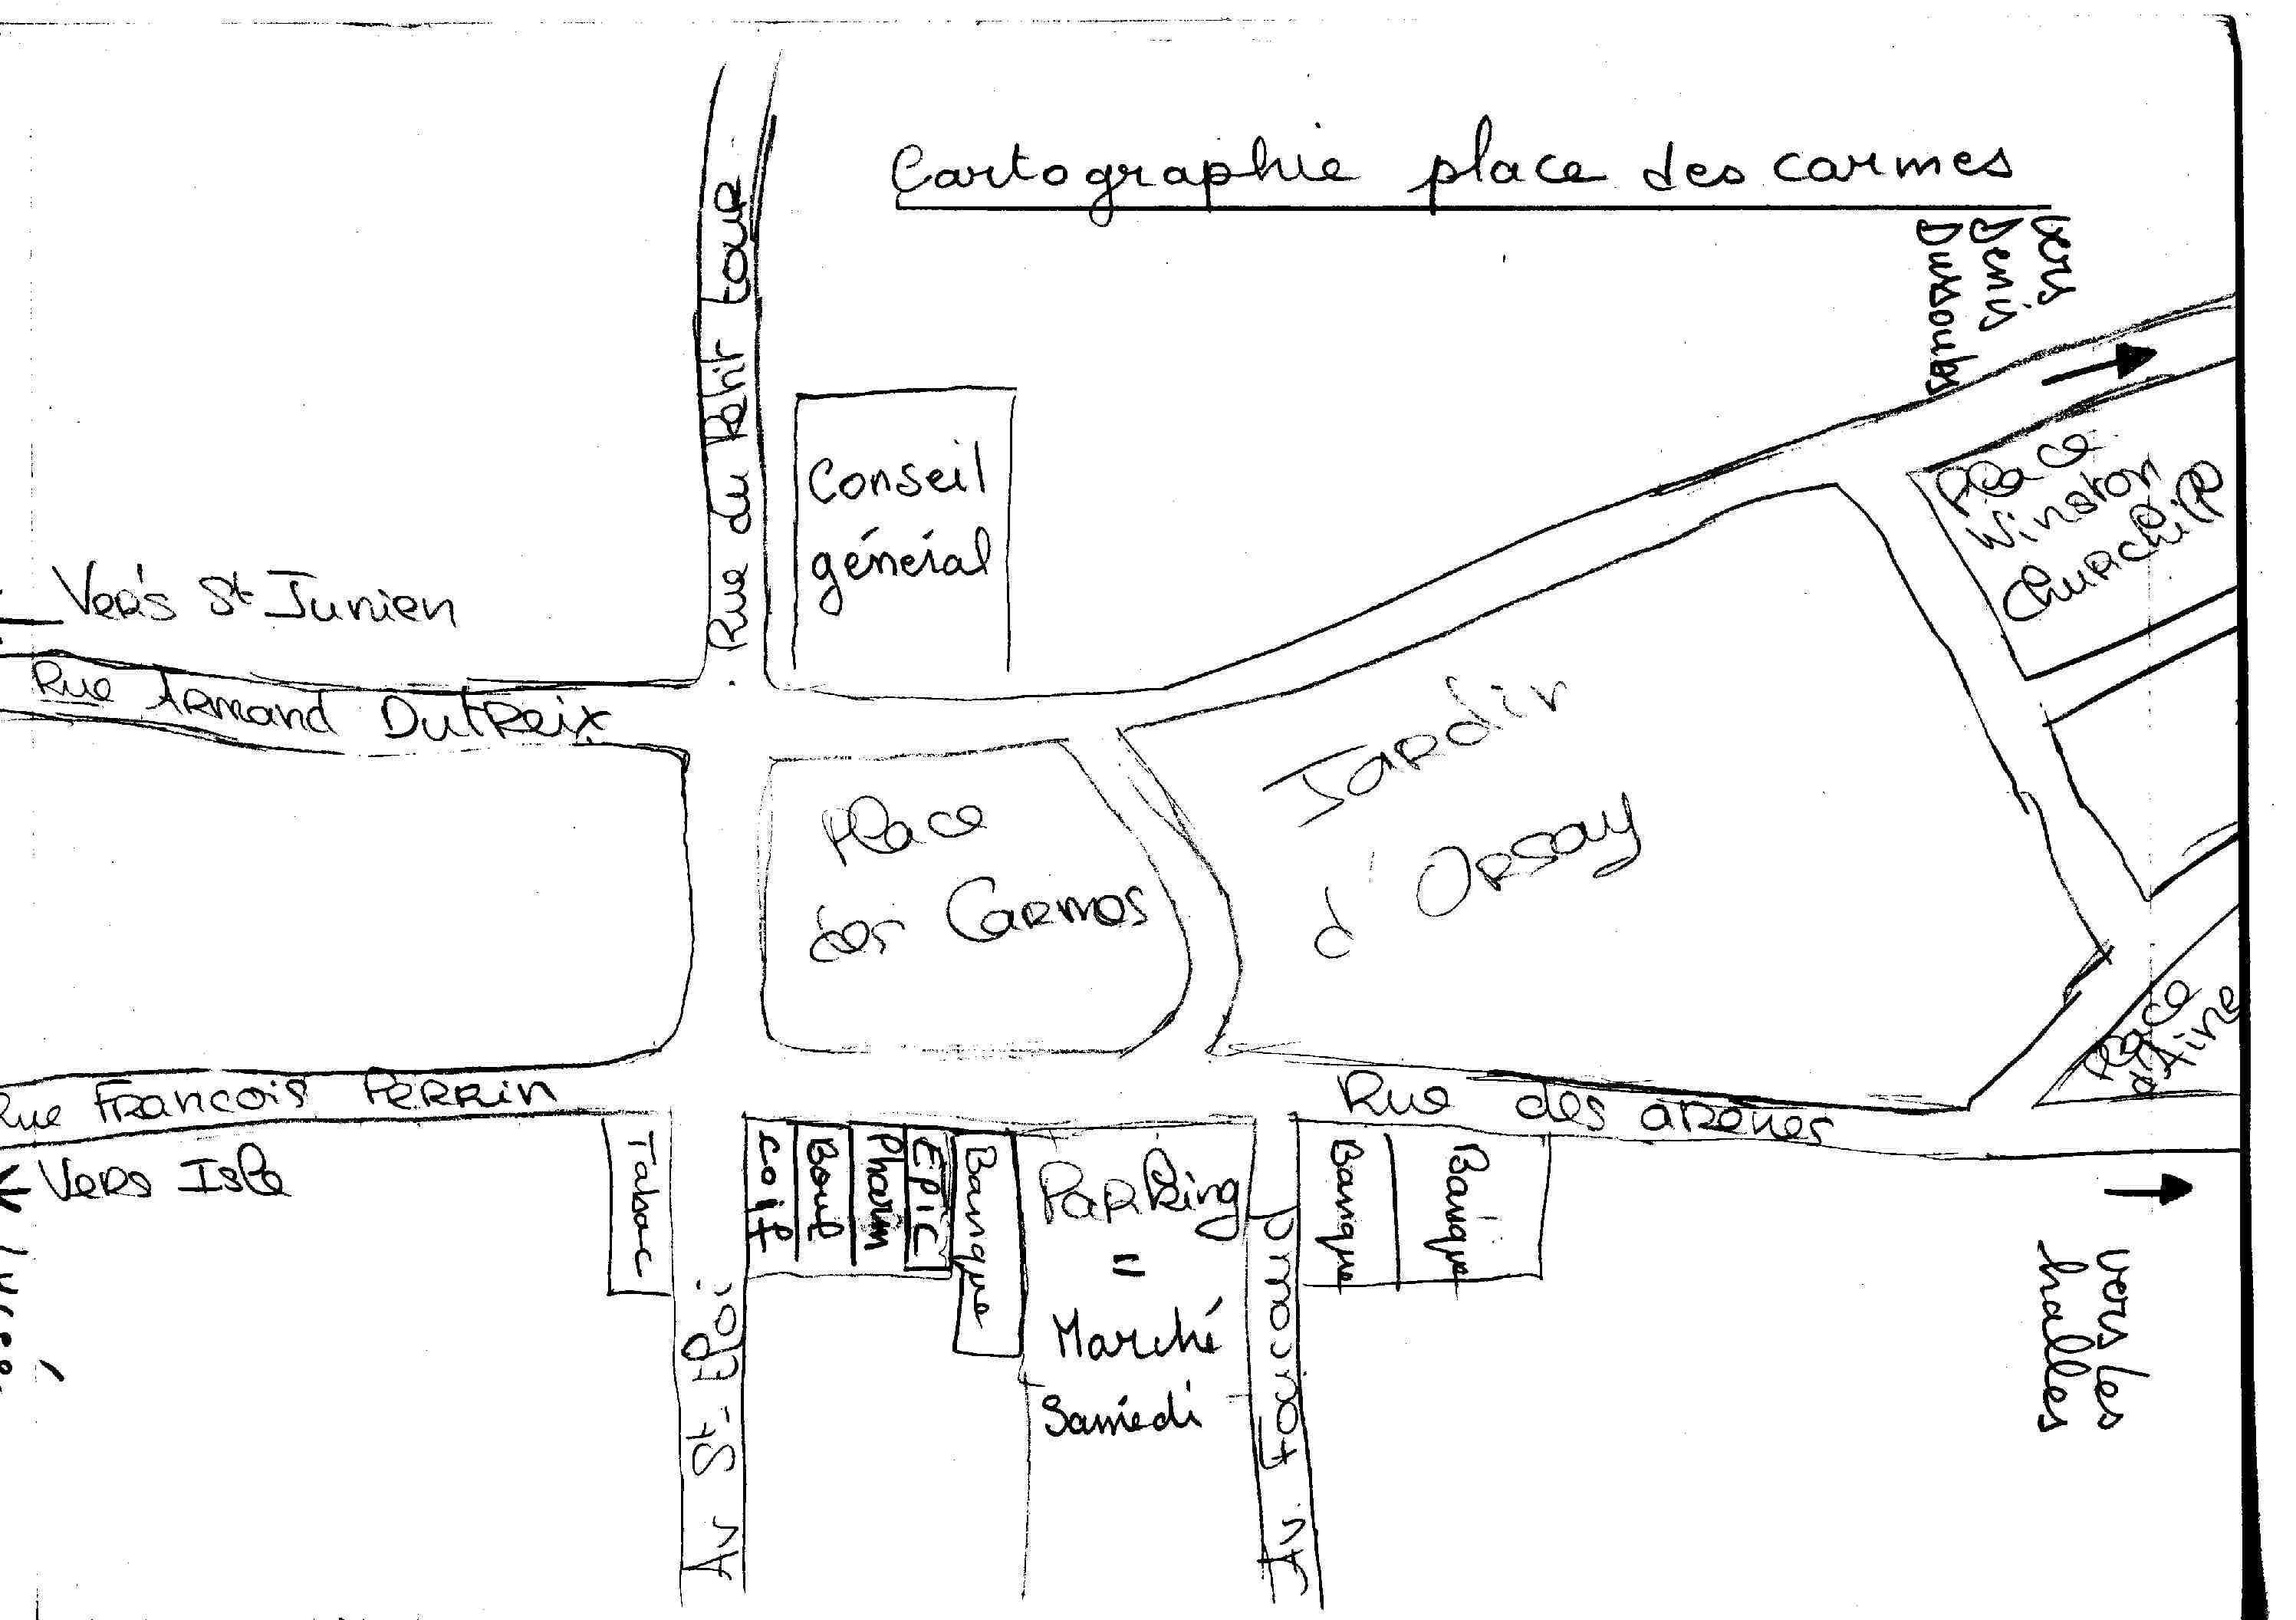 Itinéraire place des Carmes